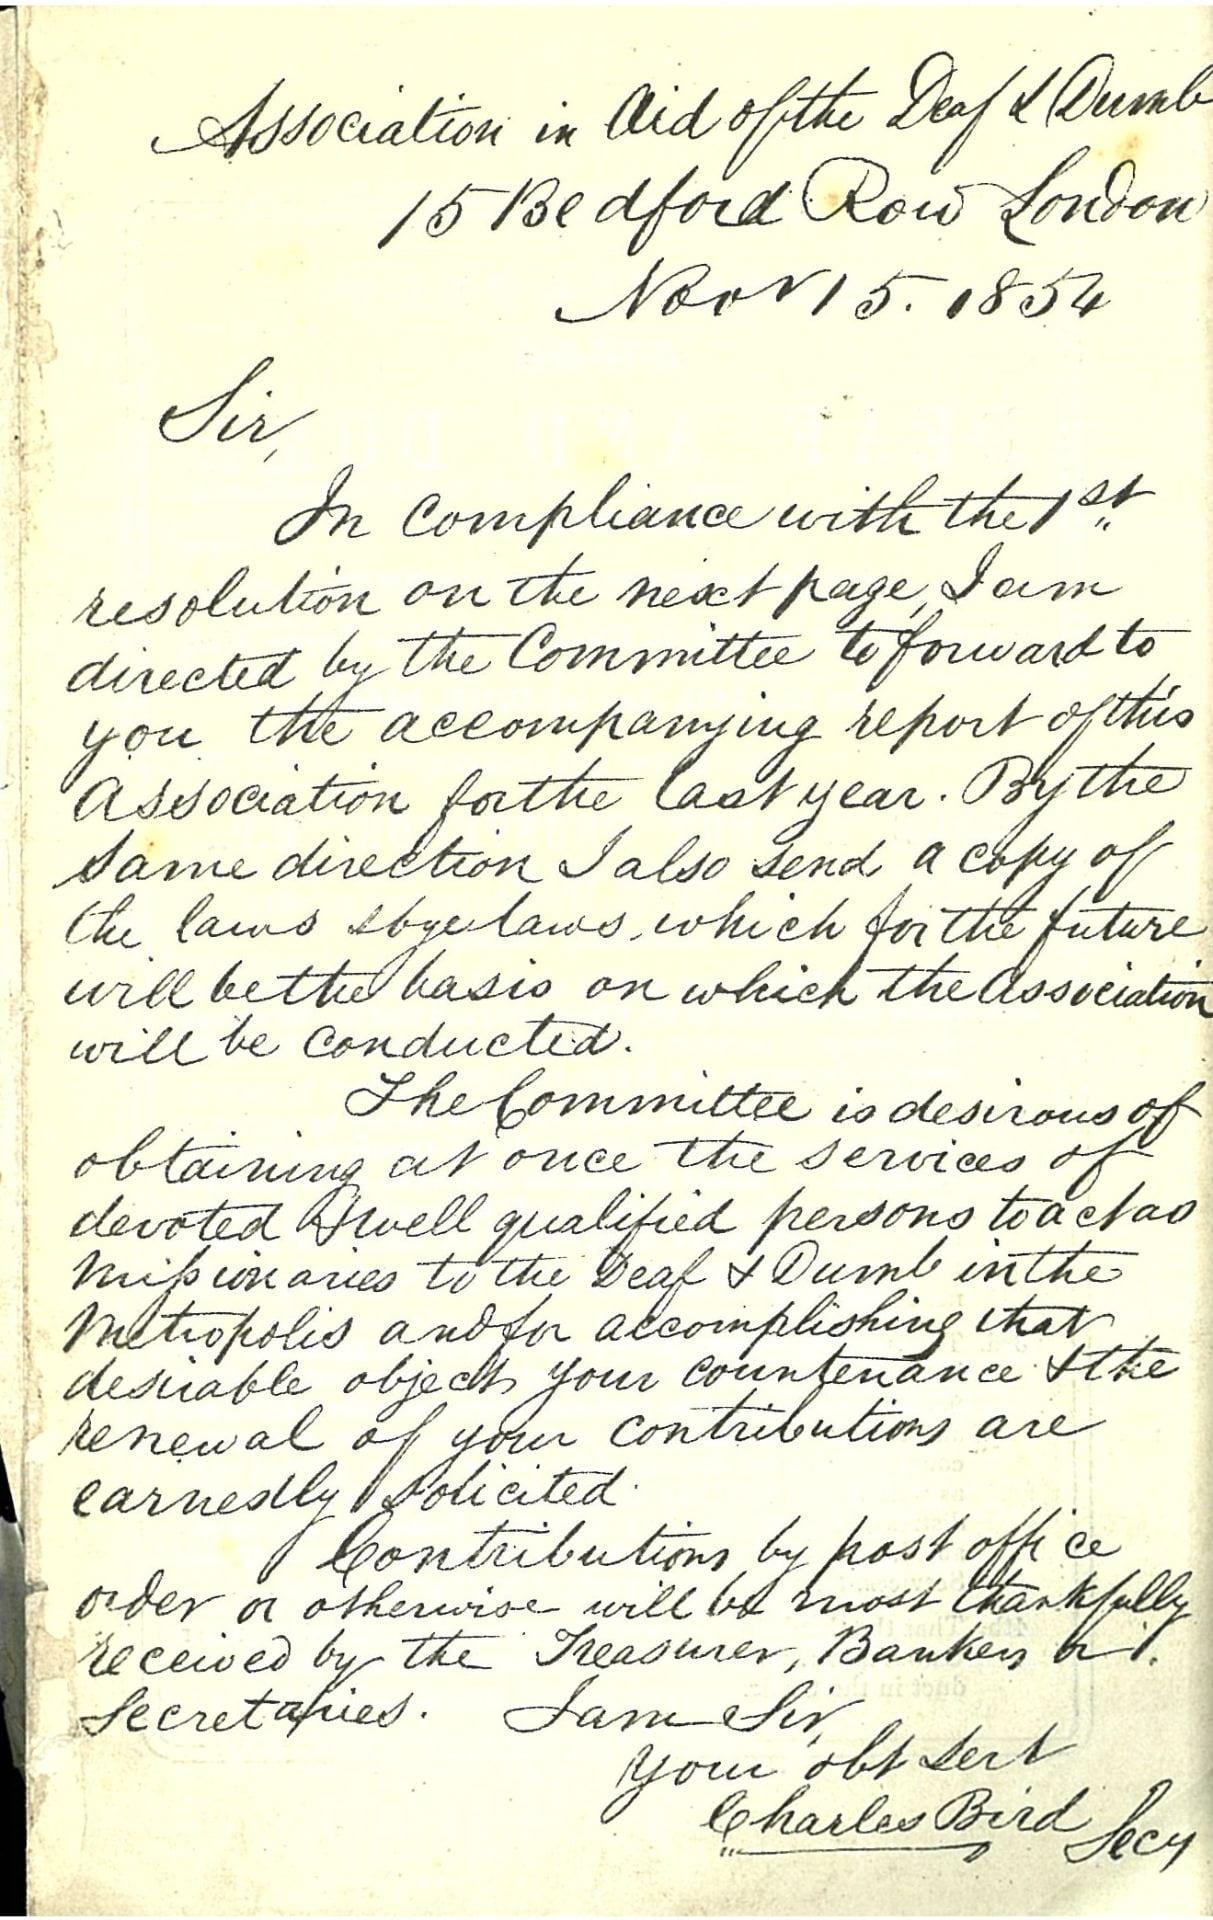 Associaton letter 1854